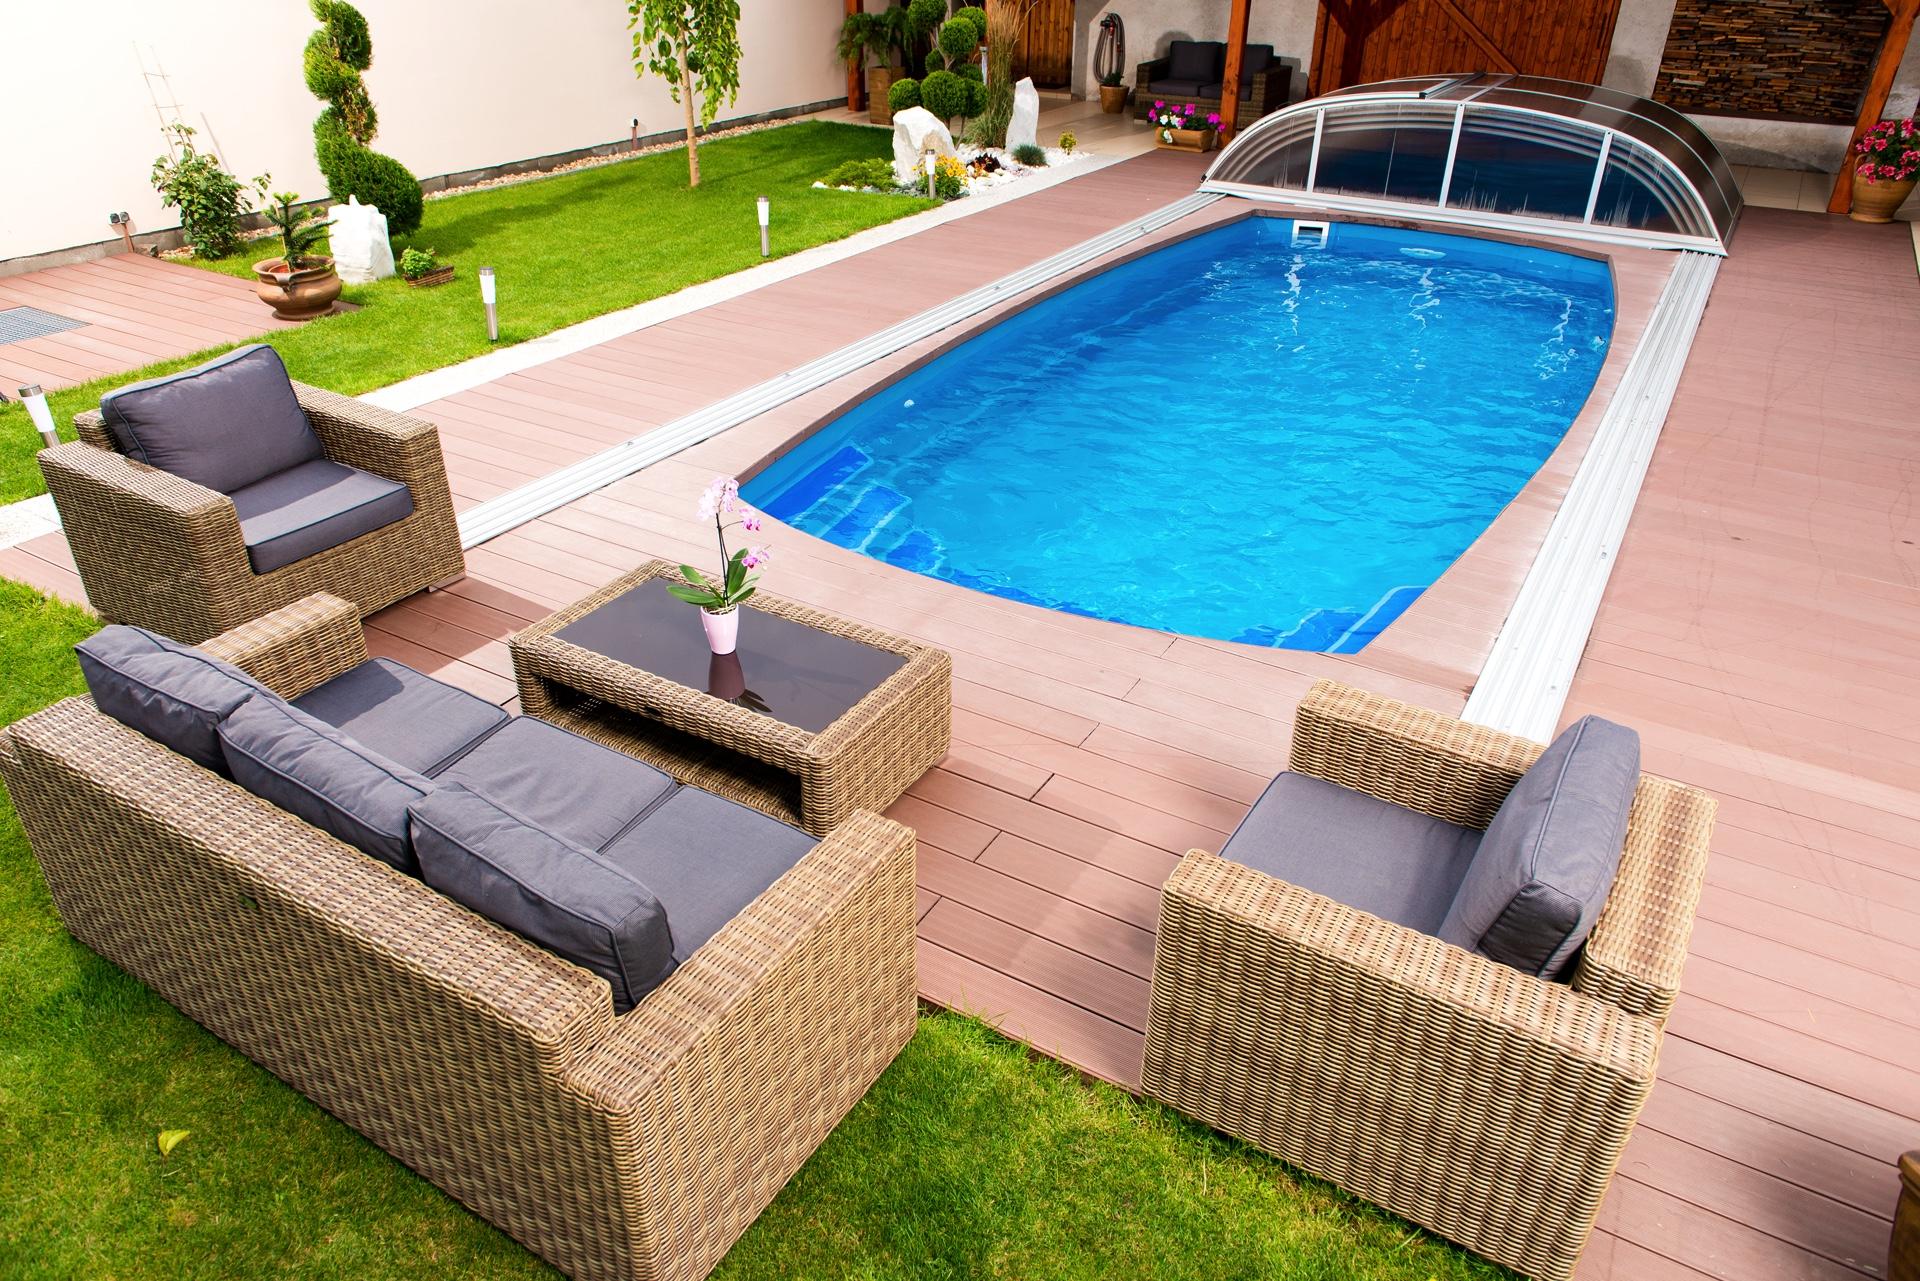 Piscine Interrate Prezzi Tutto Compreso piscine in vetroresina interrate calypso: 7 modelli unici